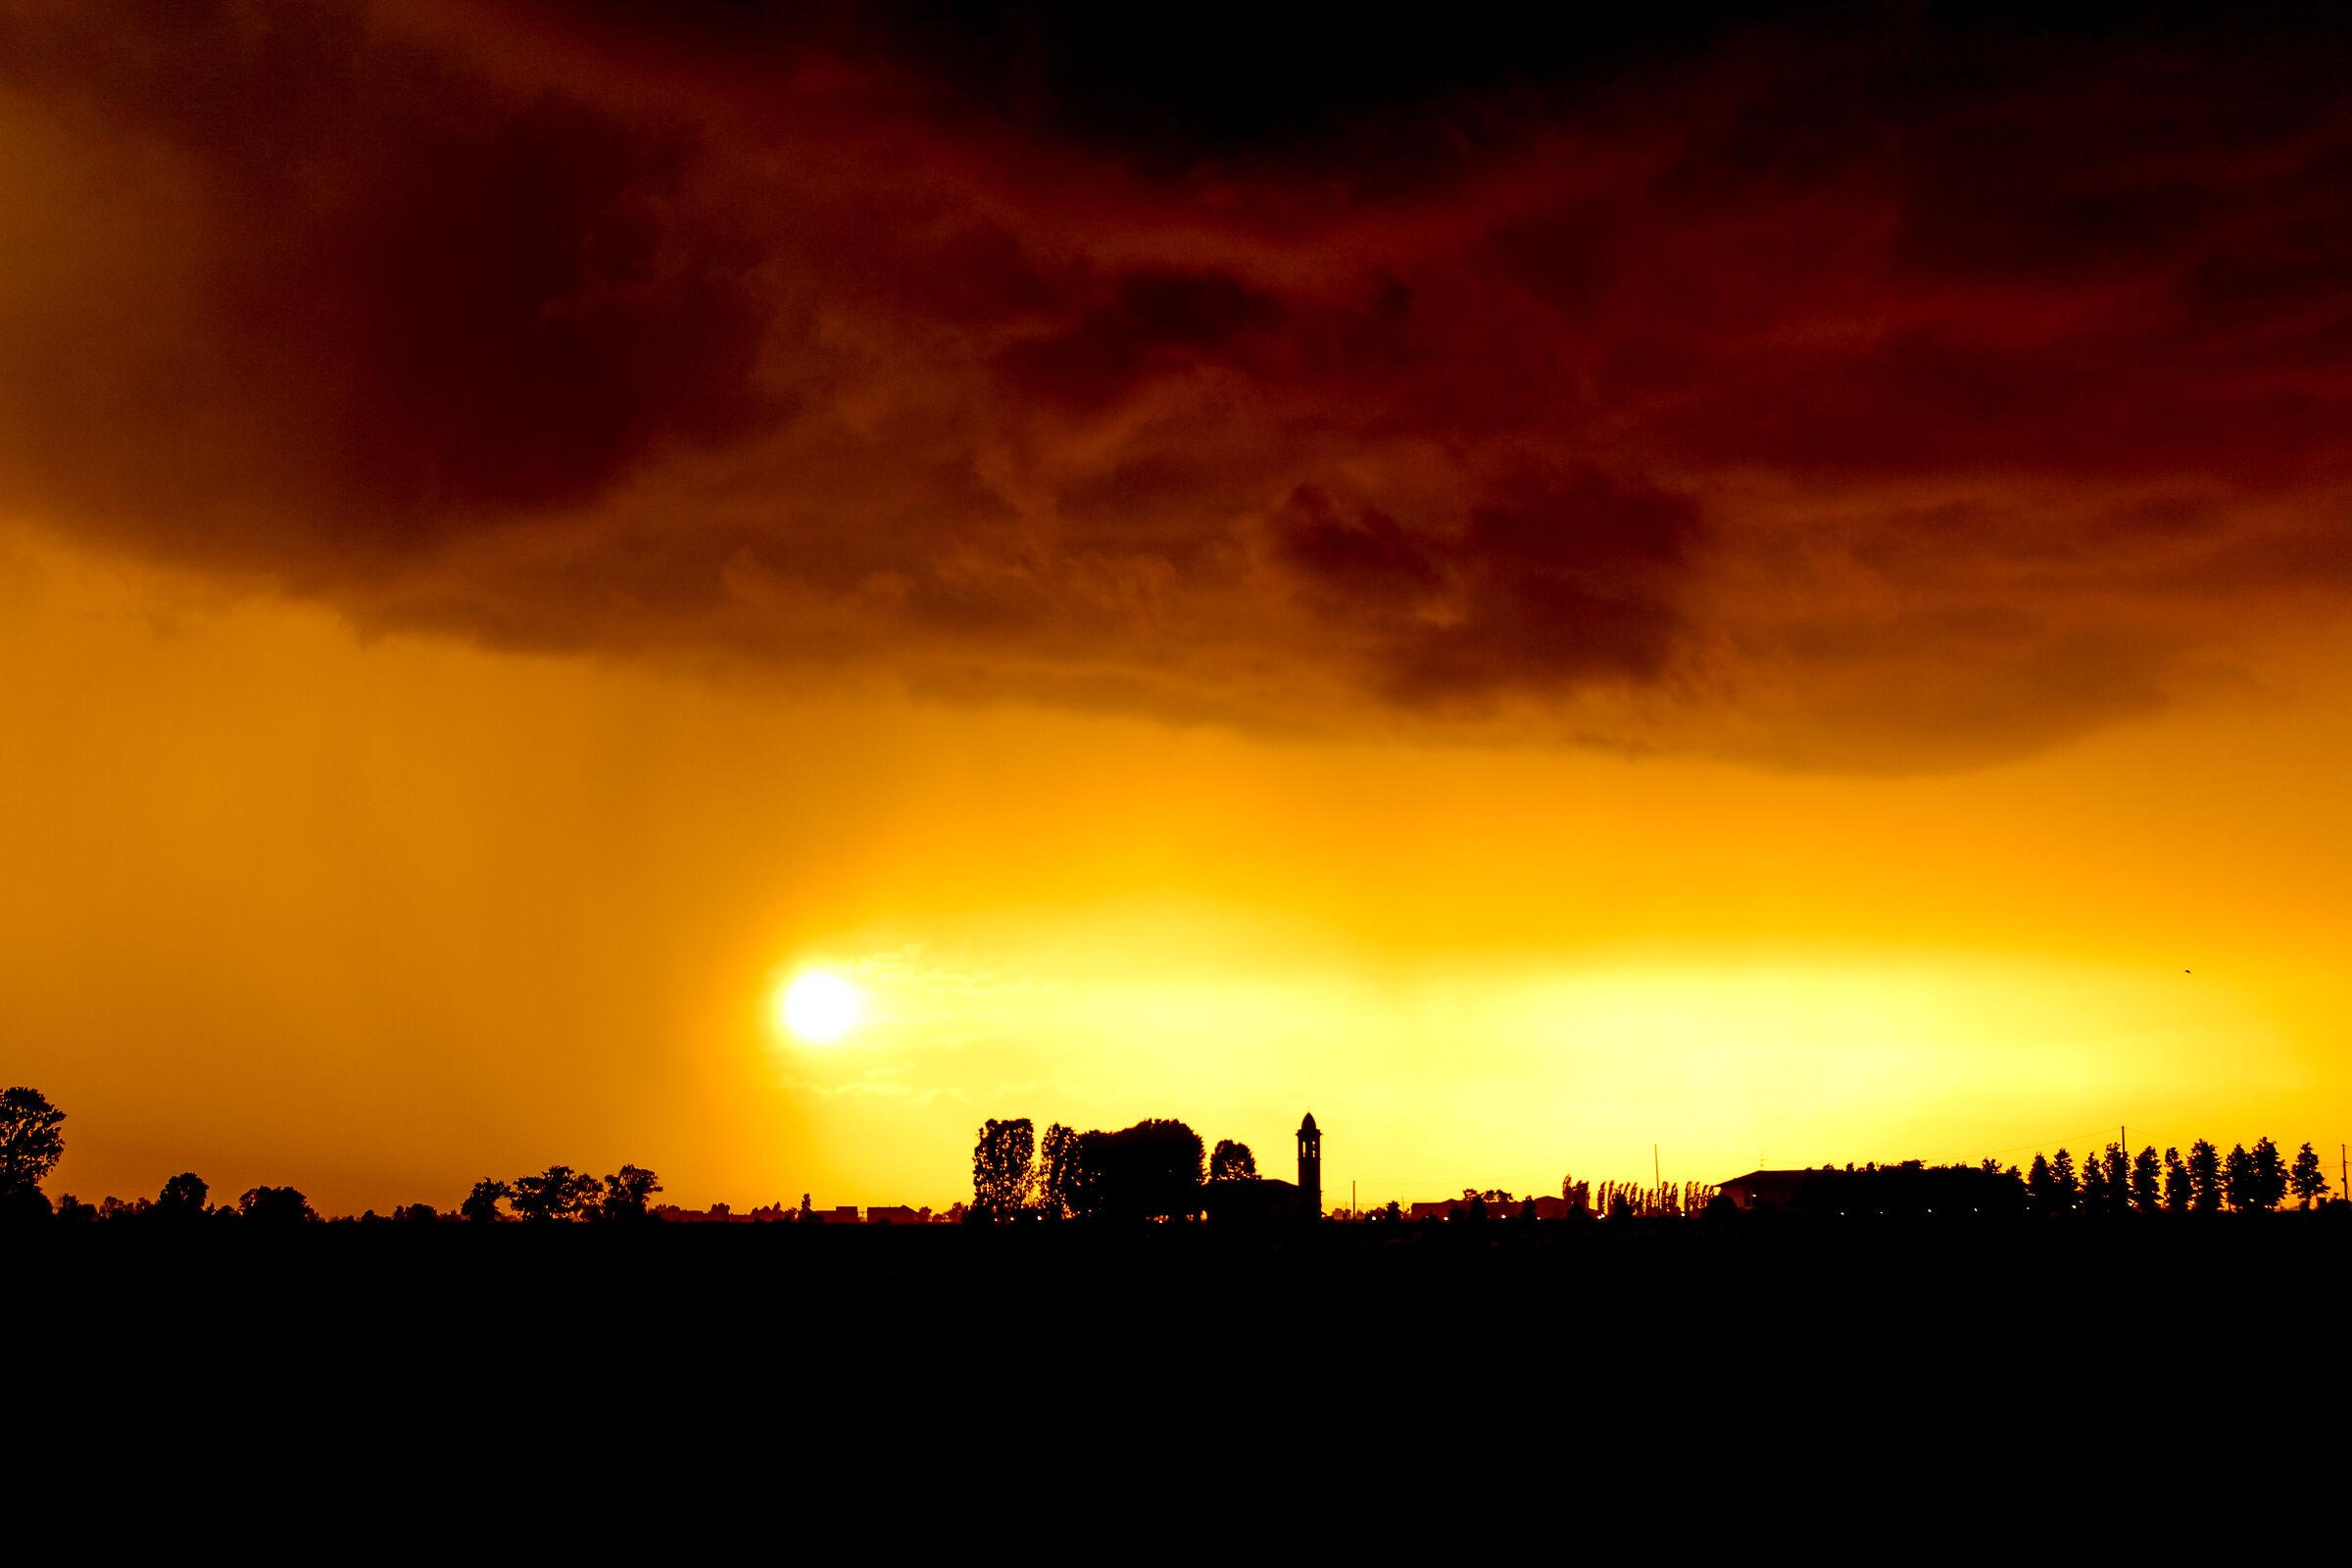 Armageddon...